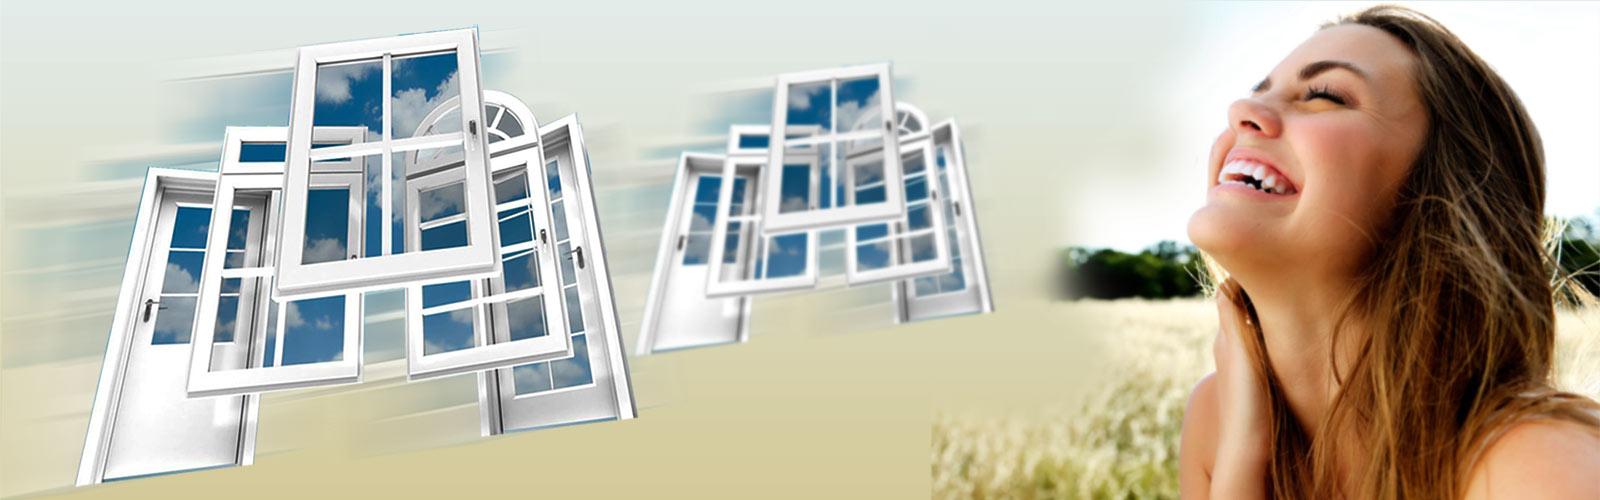 Full Size of Fenster Kaufen In Polen Kunststofffenster Aus Gnstig Einbauküche Weiss Hochglanz Gardinen Für Schlafzimmer Hotels Bad Kissingen Breaking Sofa Kleines Fenster Fenster Kaufen In Polen